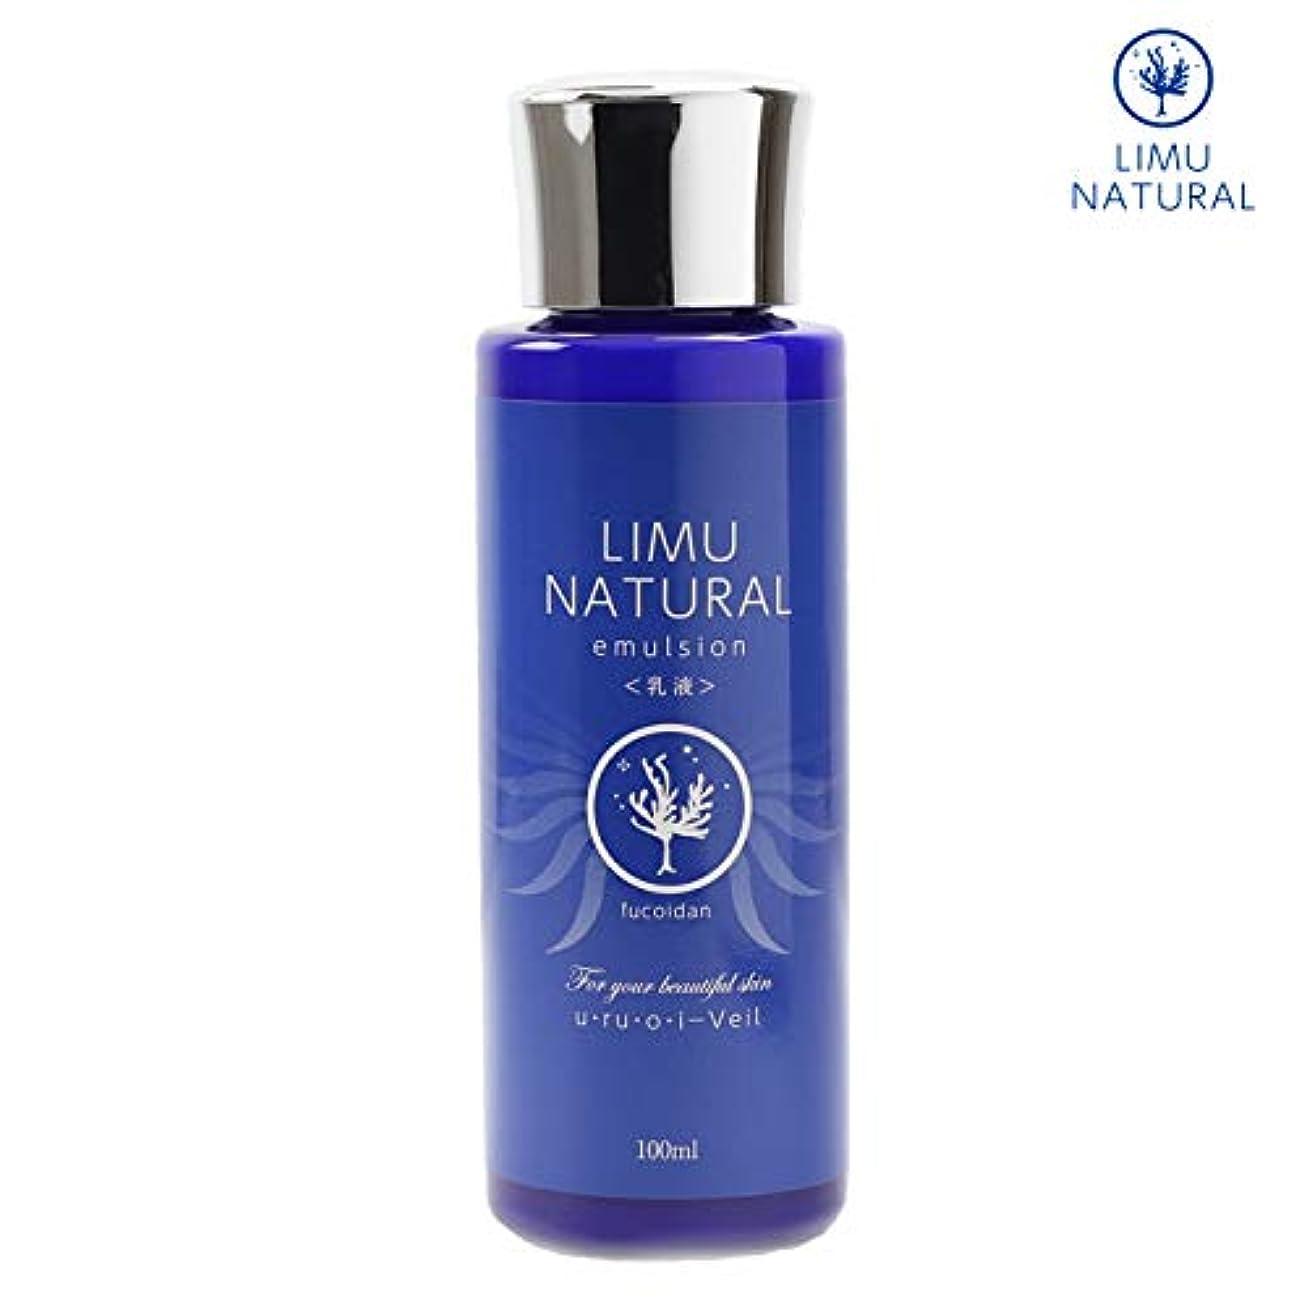 水銀の物足りない持つリムナチュラル 乳液 LIMU NATURAL EMULSION (100ml) 海の恵「フコイダン」と大地の恵「グリセリルグルコシド」を贅沢に配合